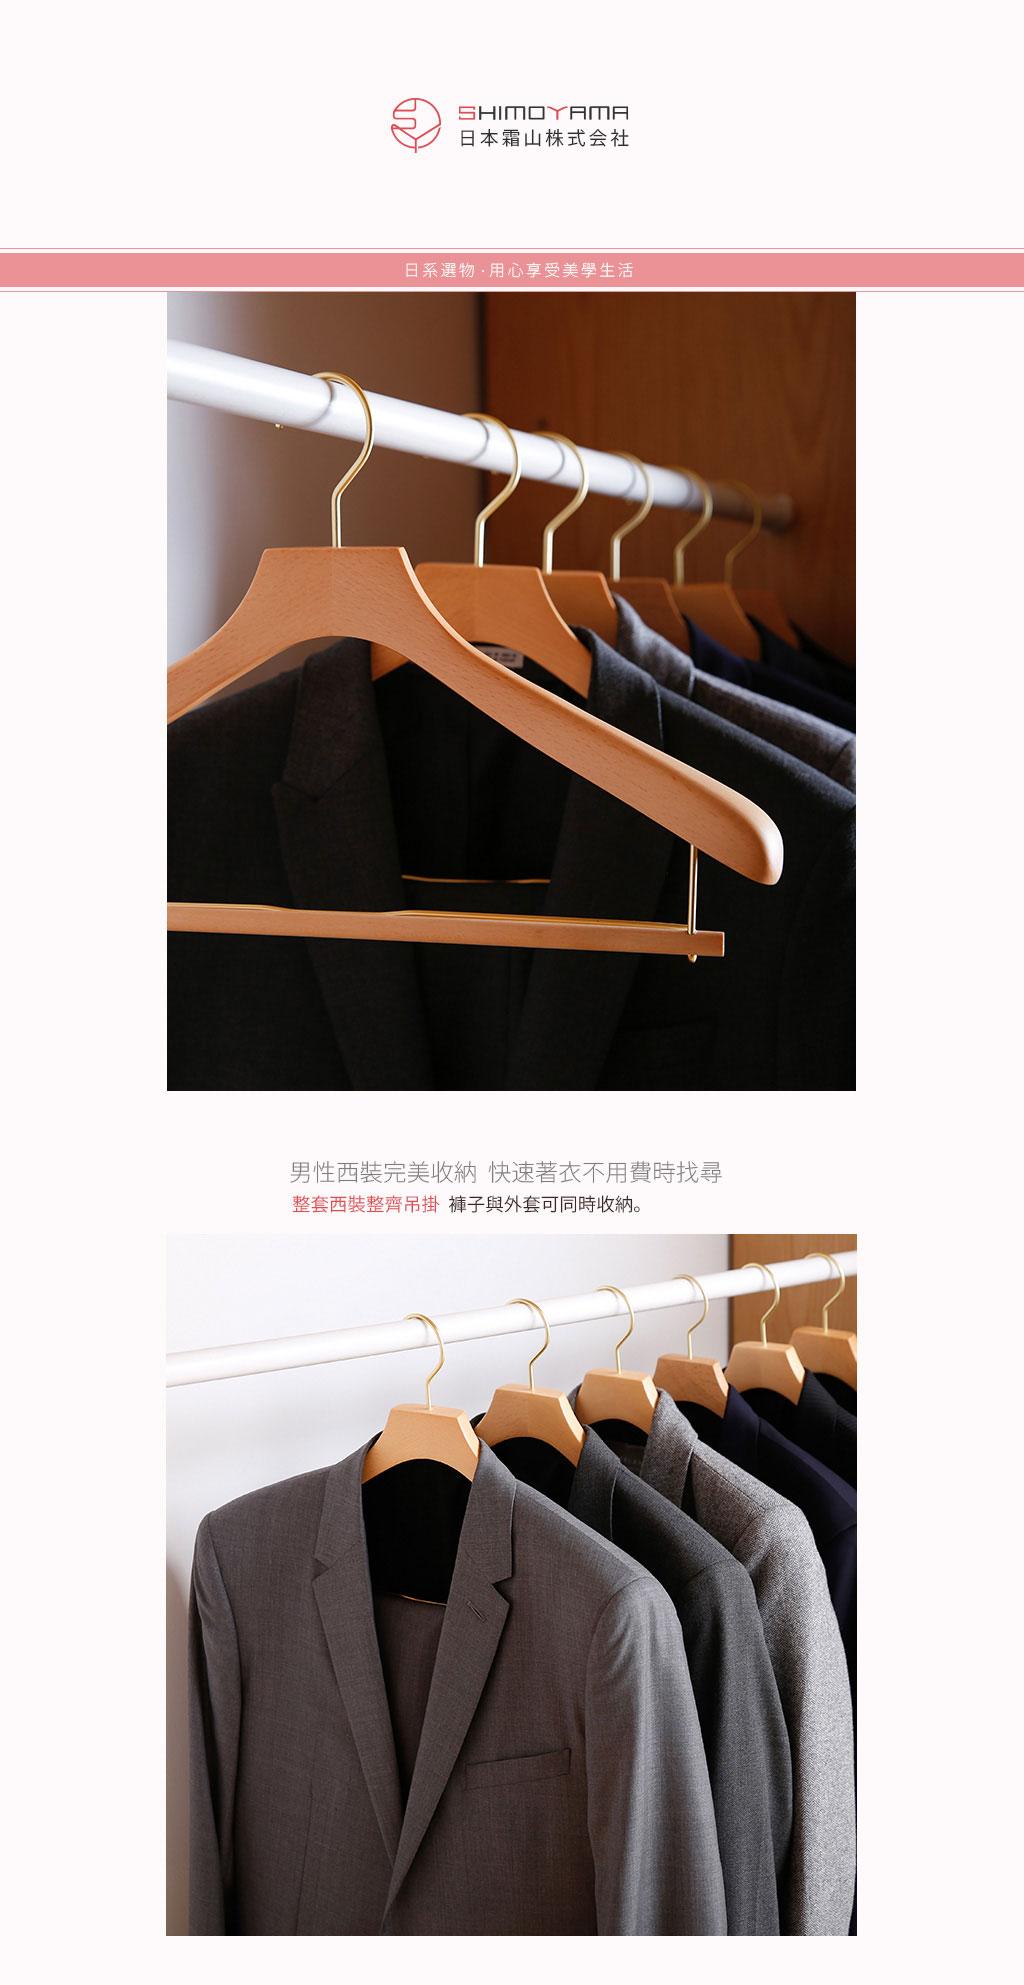 日本霜山 天然木製兩用褲掛衣架 (男用西裝款) 3入